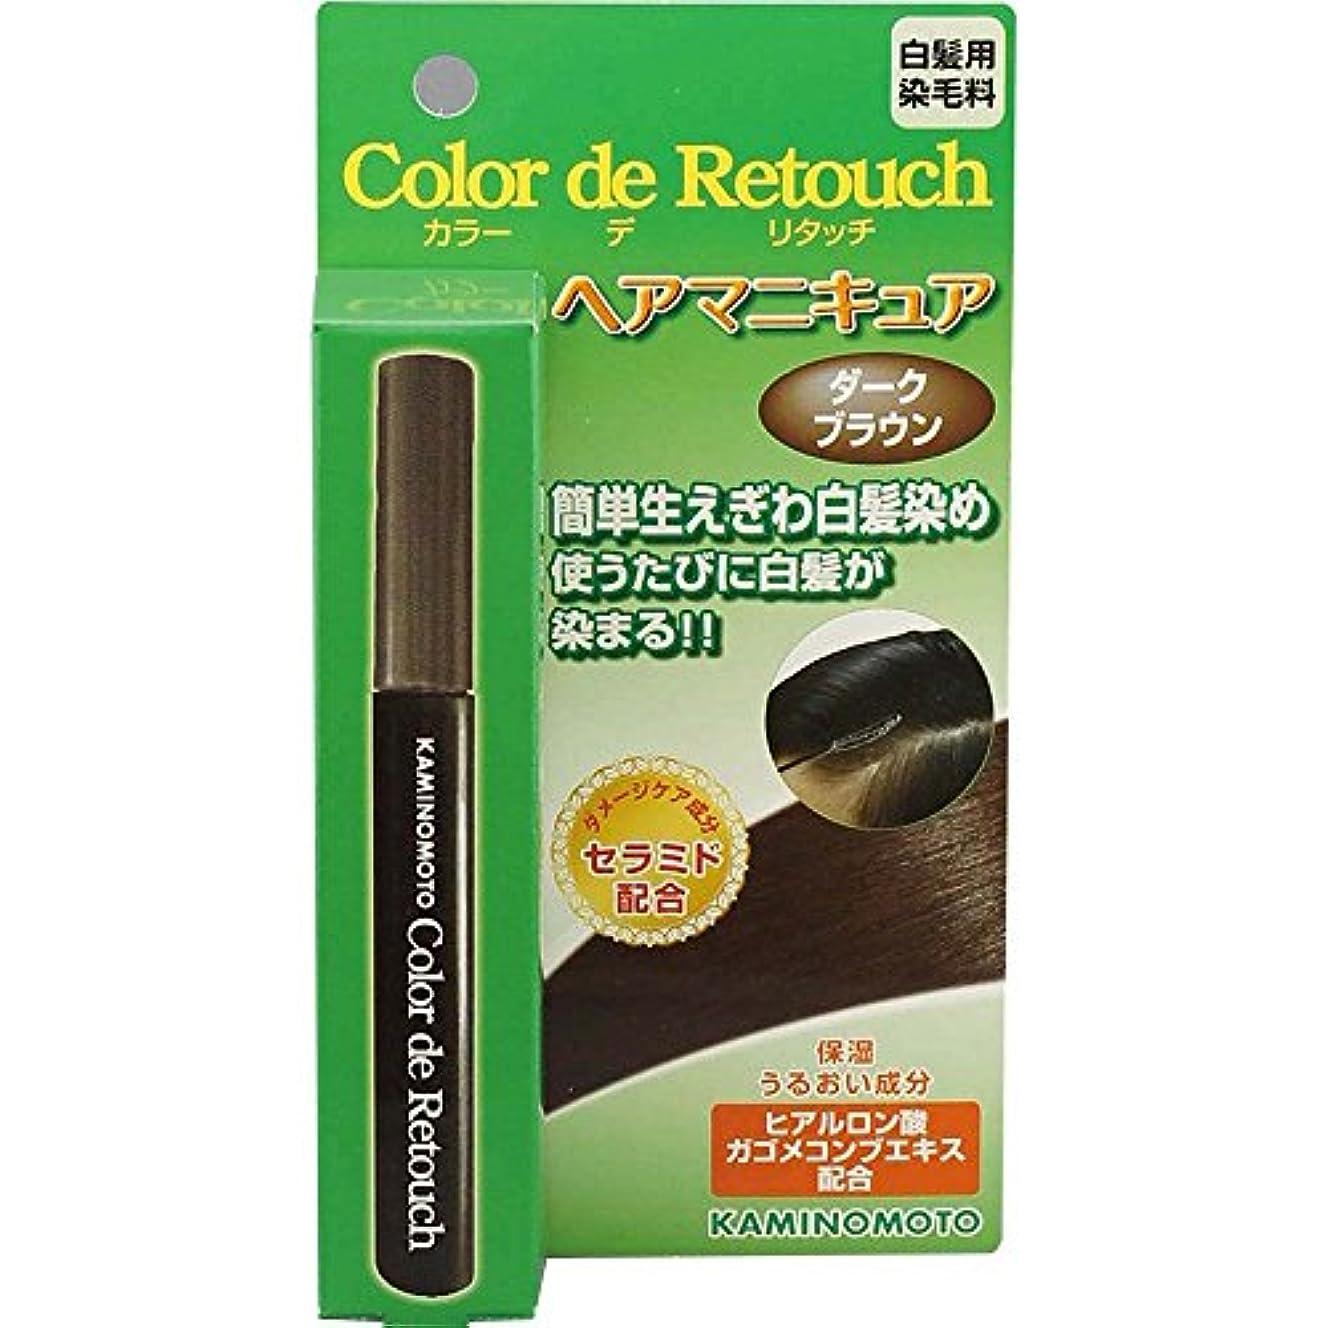 スペクトラム応用困難加美乃素 カラー デ リタッチ ダークブラウン 10mL